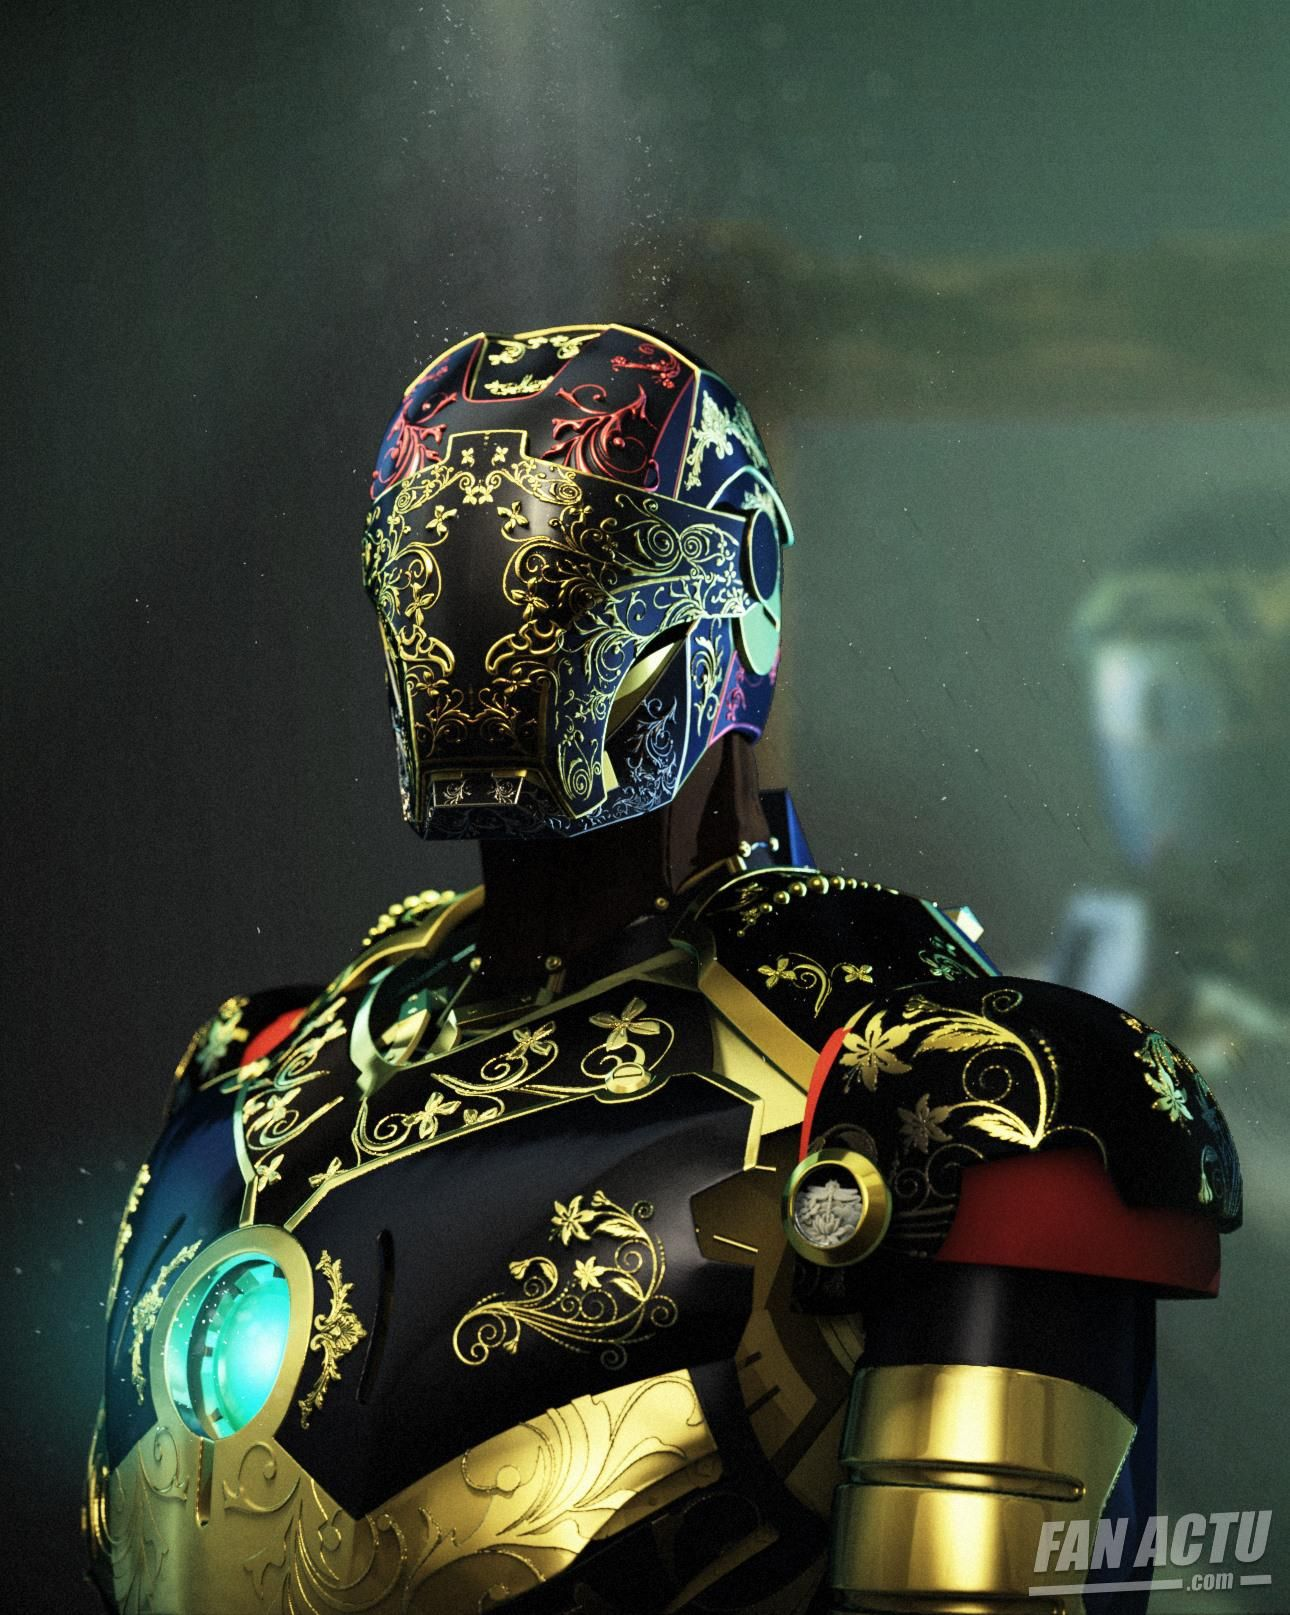 Iron Man redesigné en version steampunk par les fans (partie 2) - Actualité - Fanactu.com